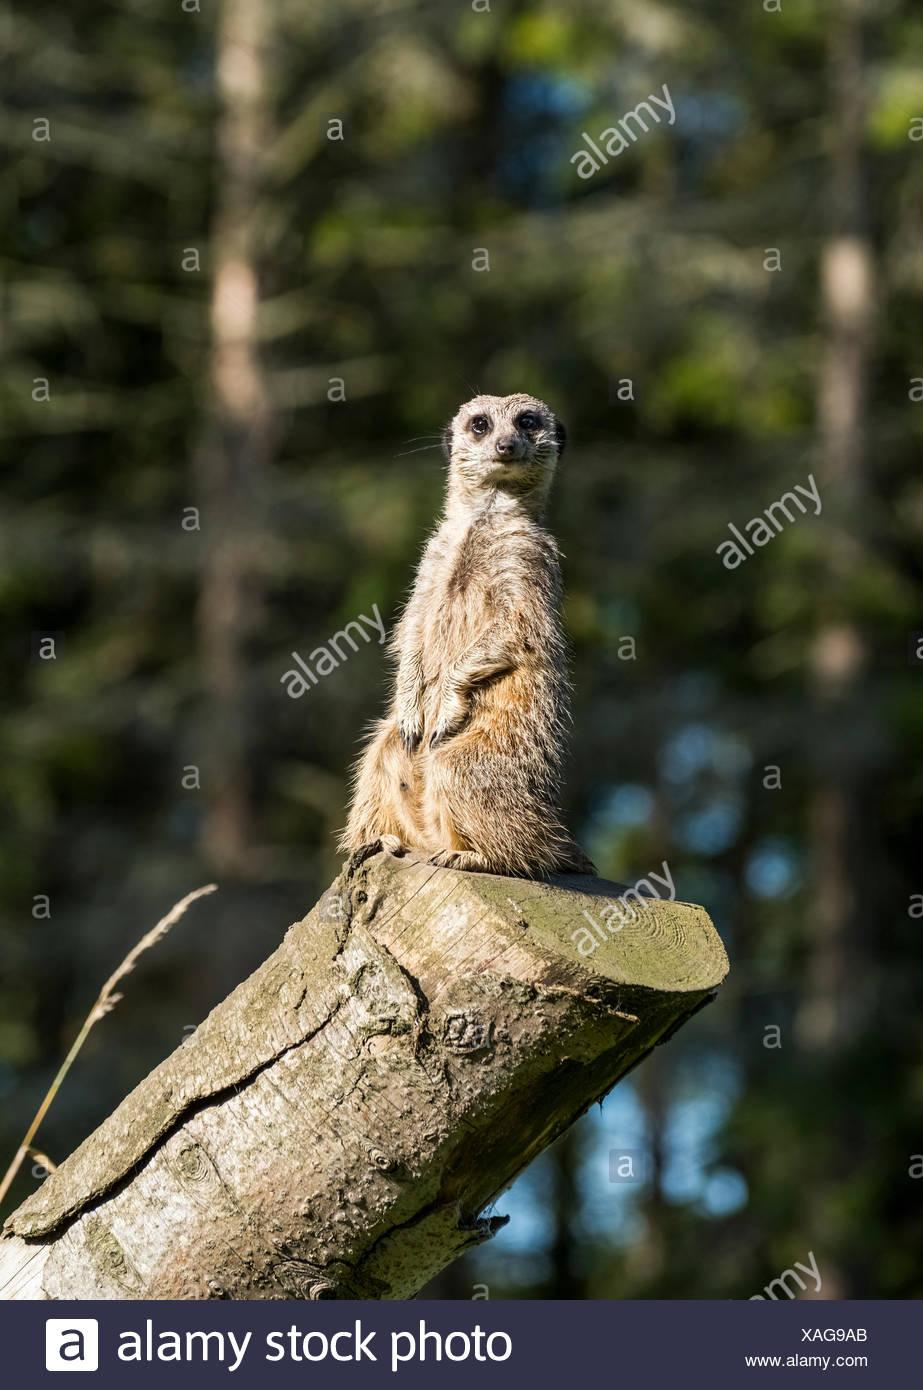 Ein Erdmännchen (Suricata Suricatta) sitzt wachsam und aufmerksam auf einem Baumstamm; North Yorkshire, England Stockbild